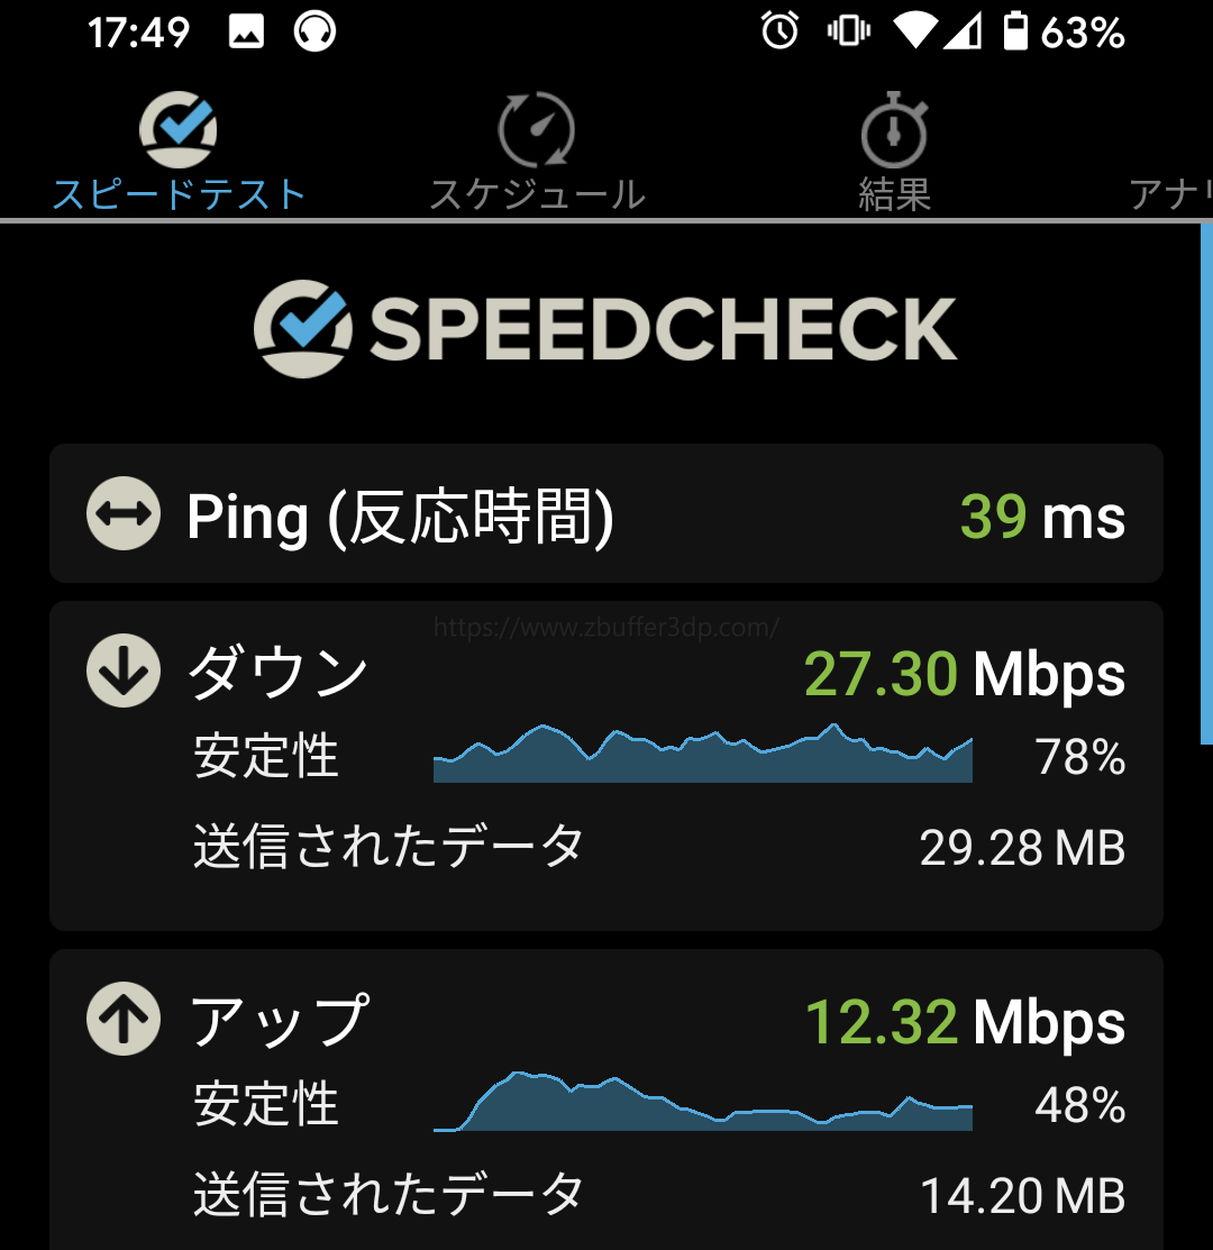 クラウドwifi東京 夕方の速度